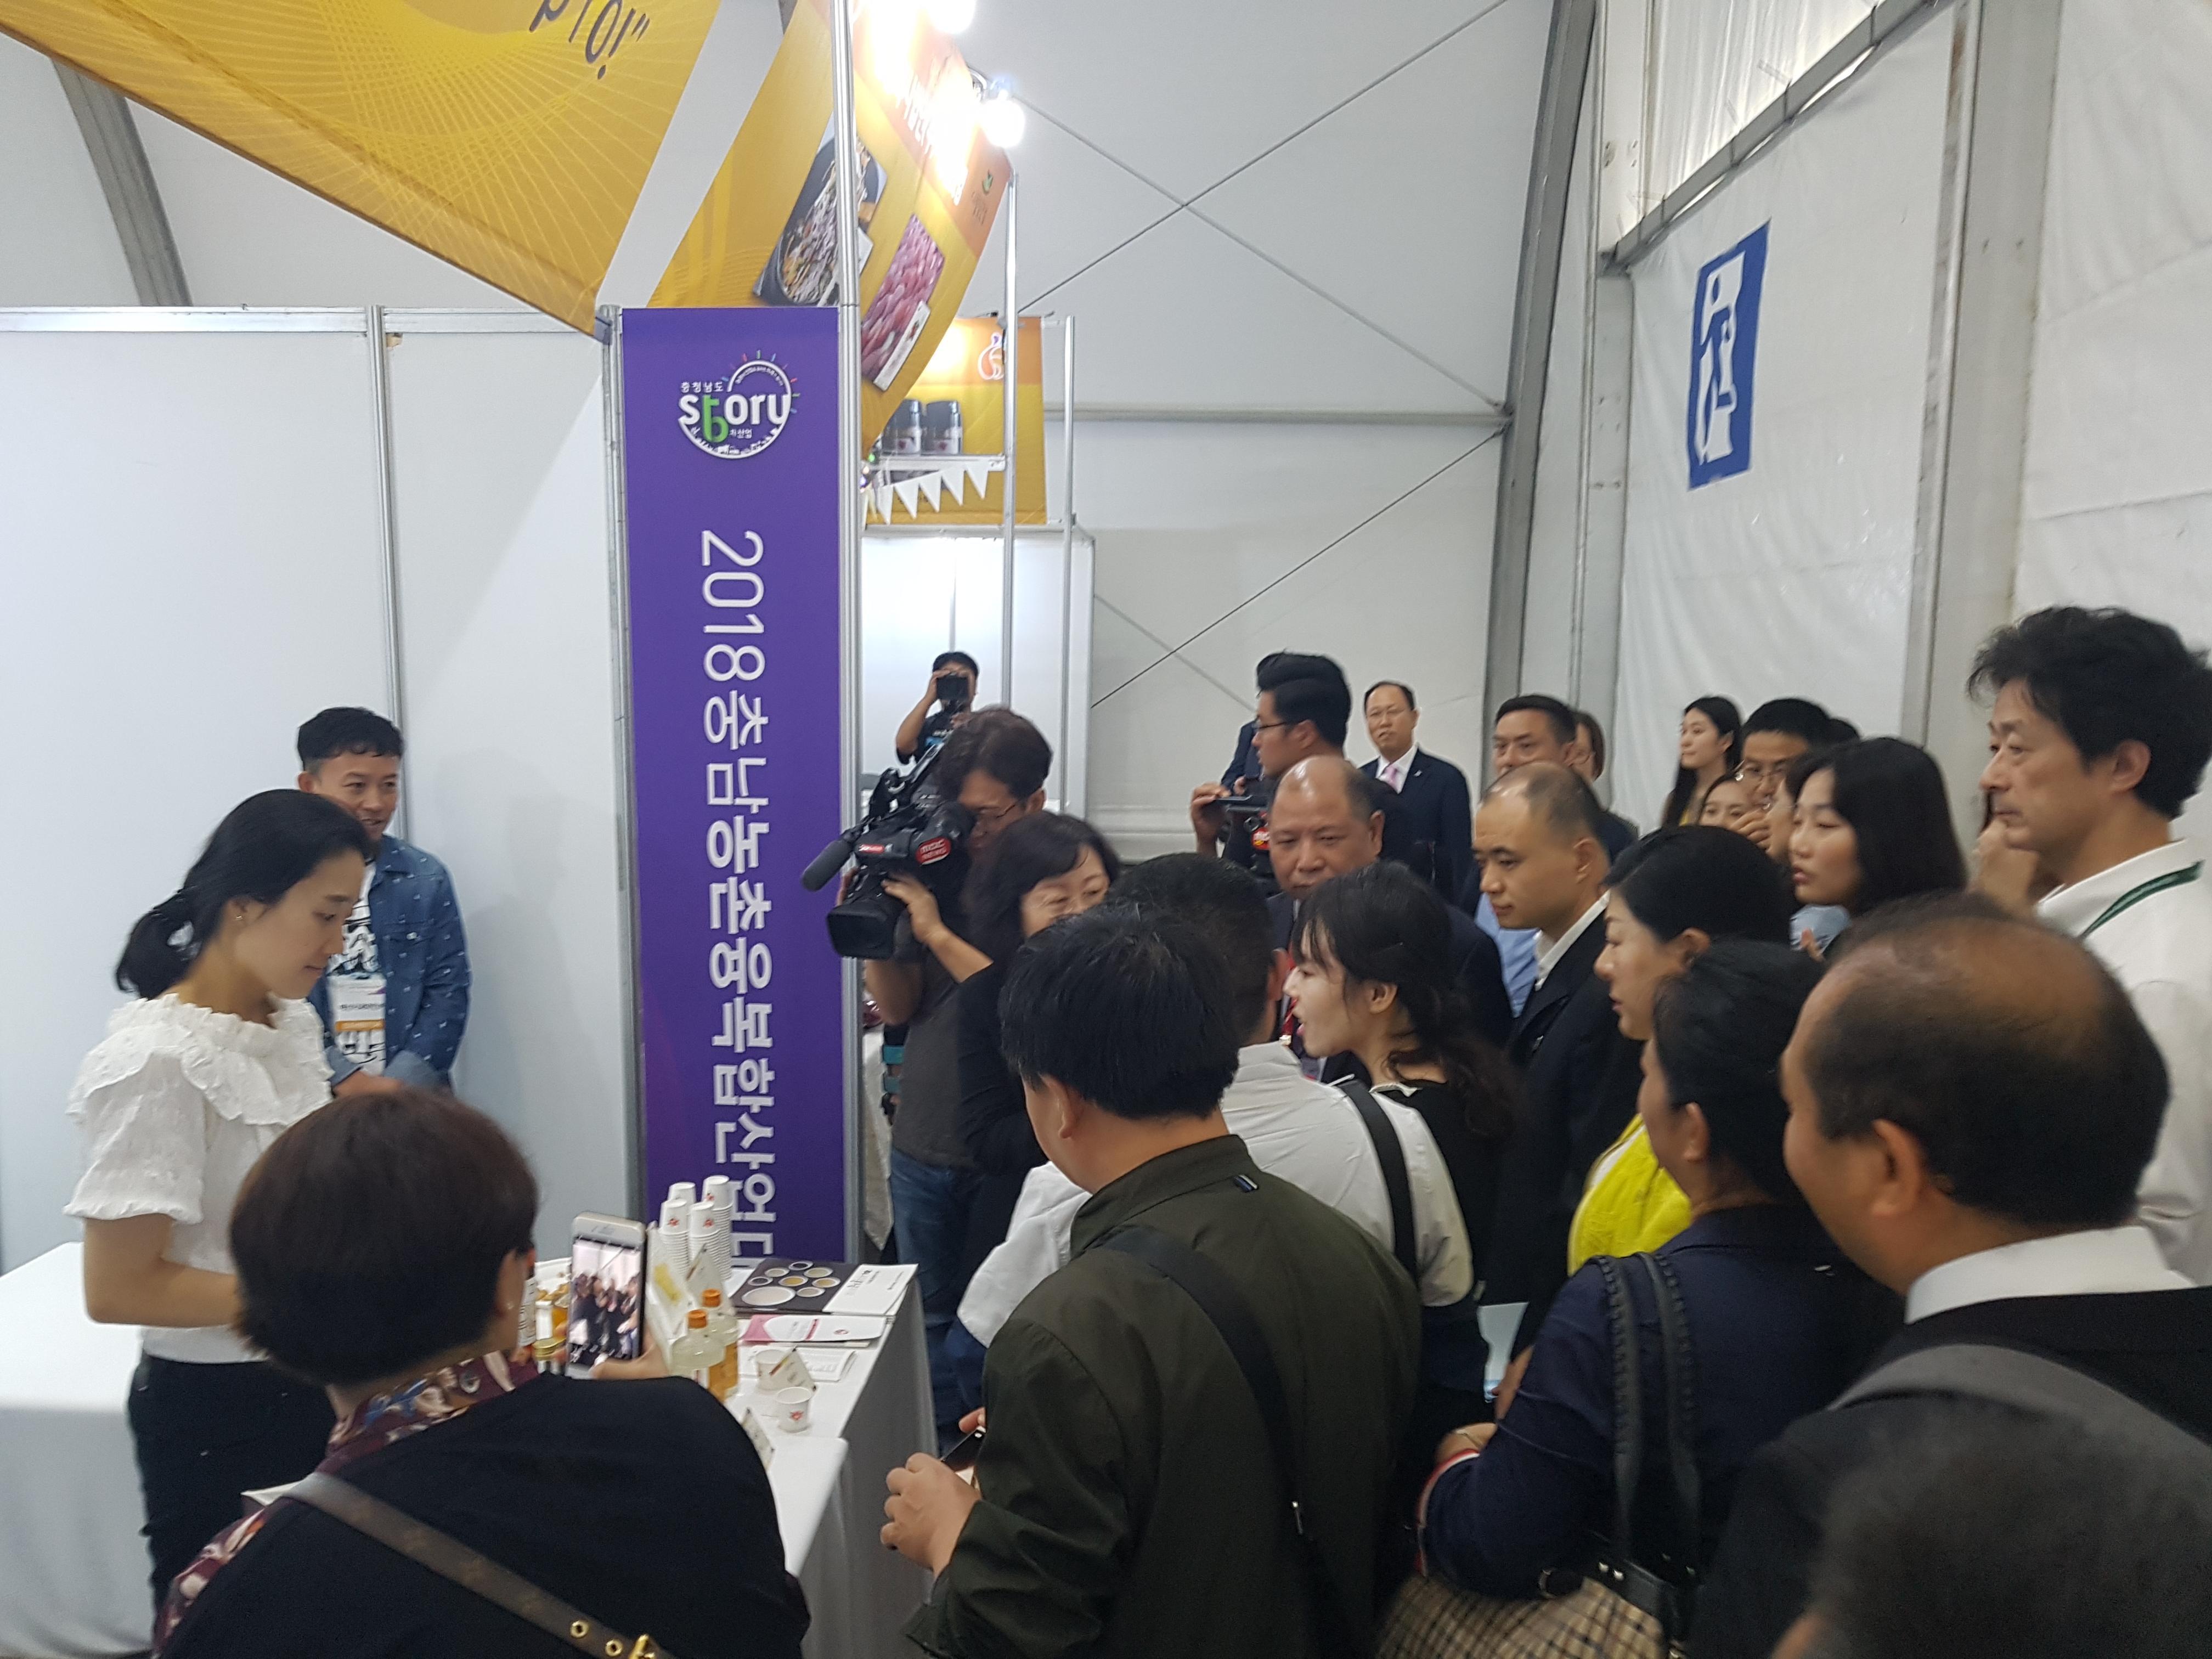 2018 동아시아 지방정부 3농포럼 정책현장견학 이미지 2